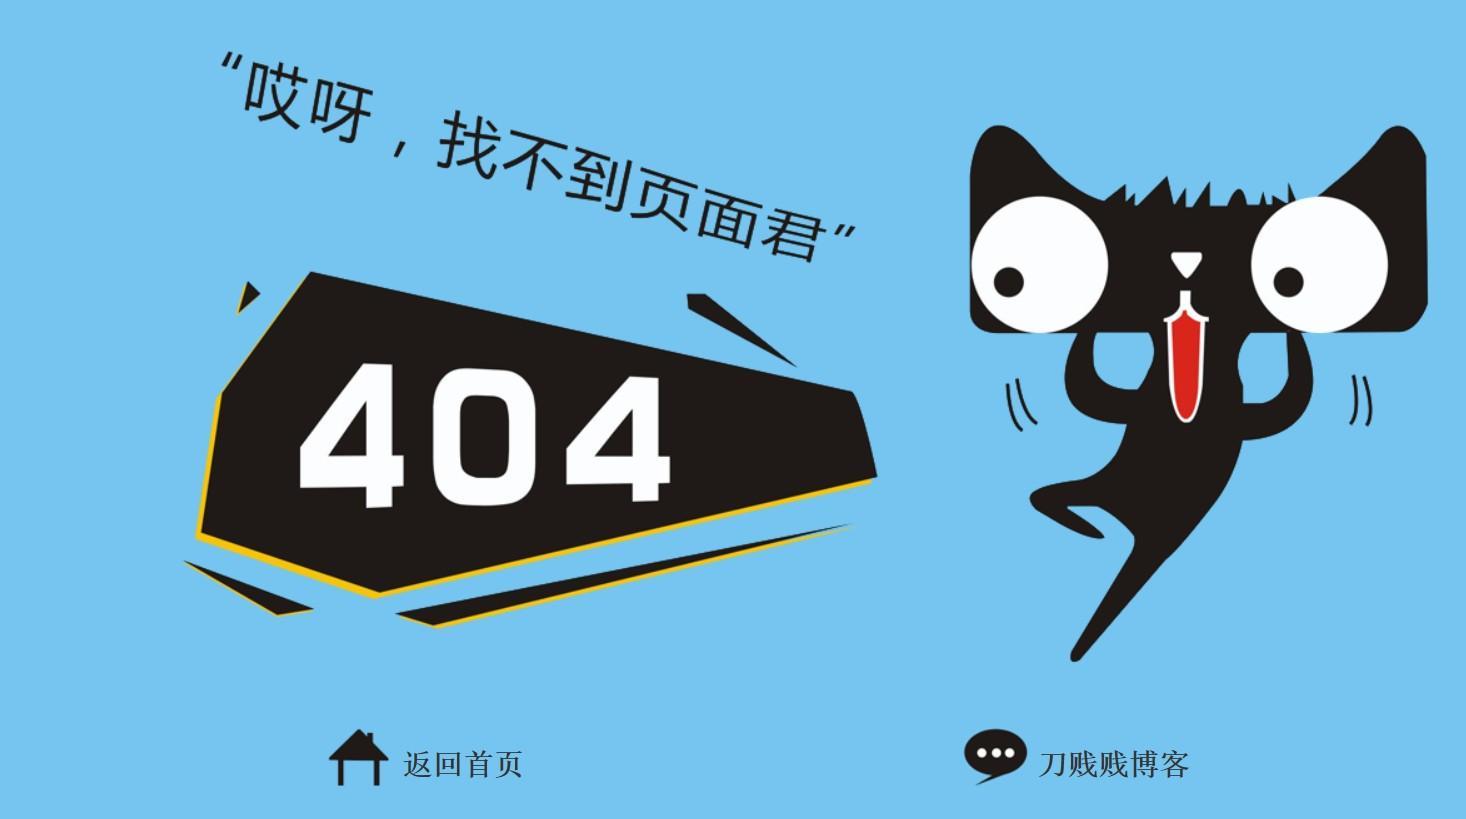 非常简单好看的天猫404错误页面源码,QQ截图20200612145514.png,网站源码,源码,免费,第1张